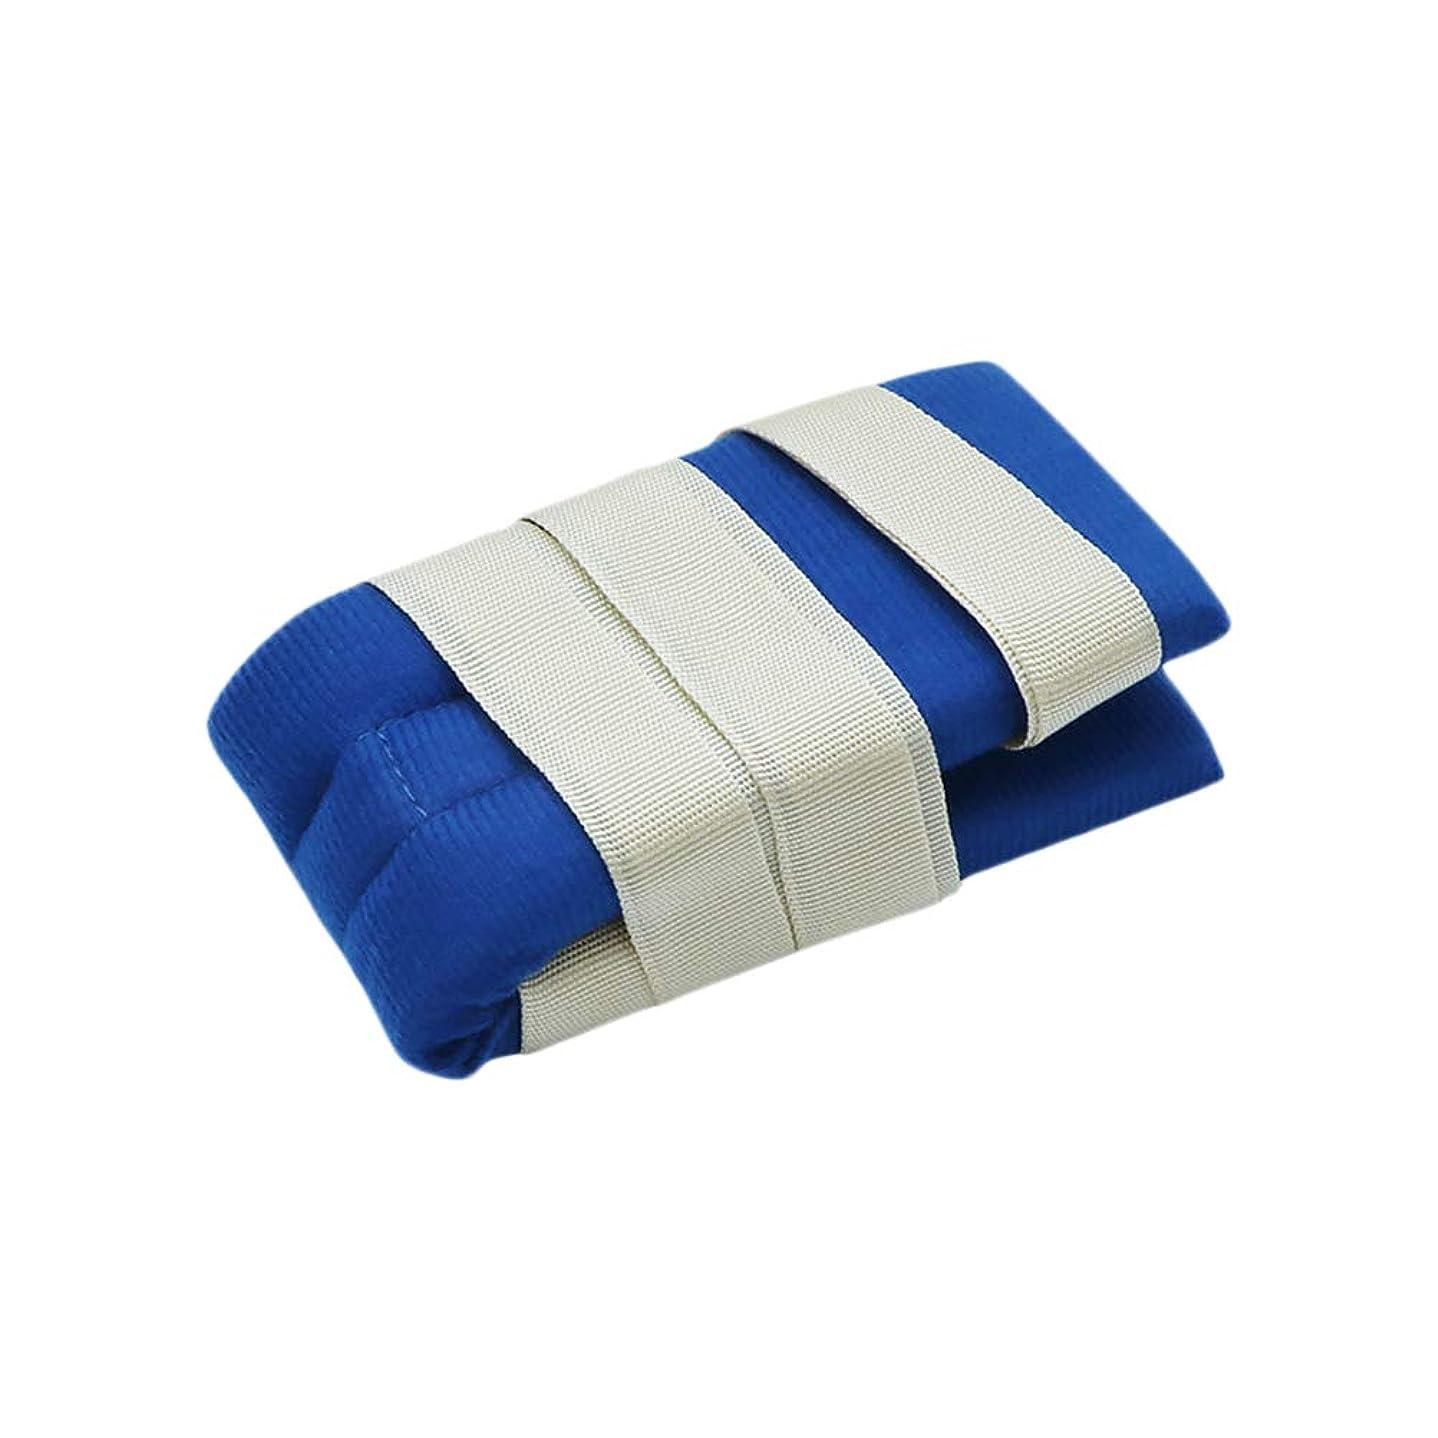 瞬時に尊敬一時停止手または足のための柔らかい医学の制限の革紐バンド病院用ベッドの肢のホールダー患者のための普遍的な抑制制御クイックリリースバンド